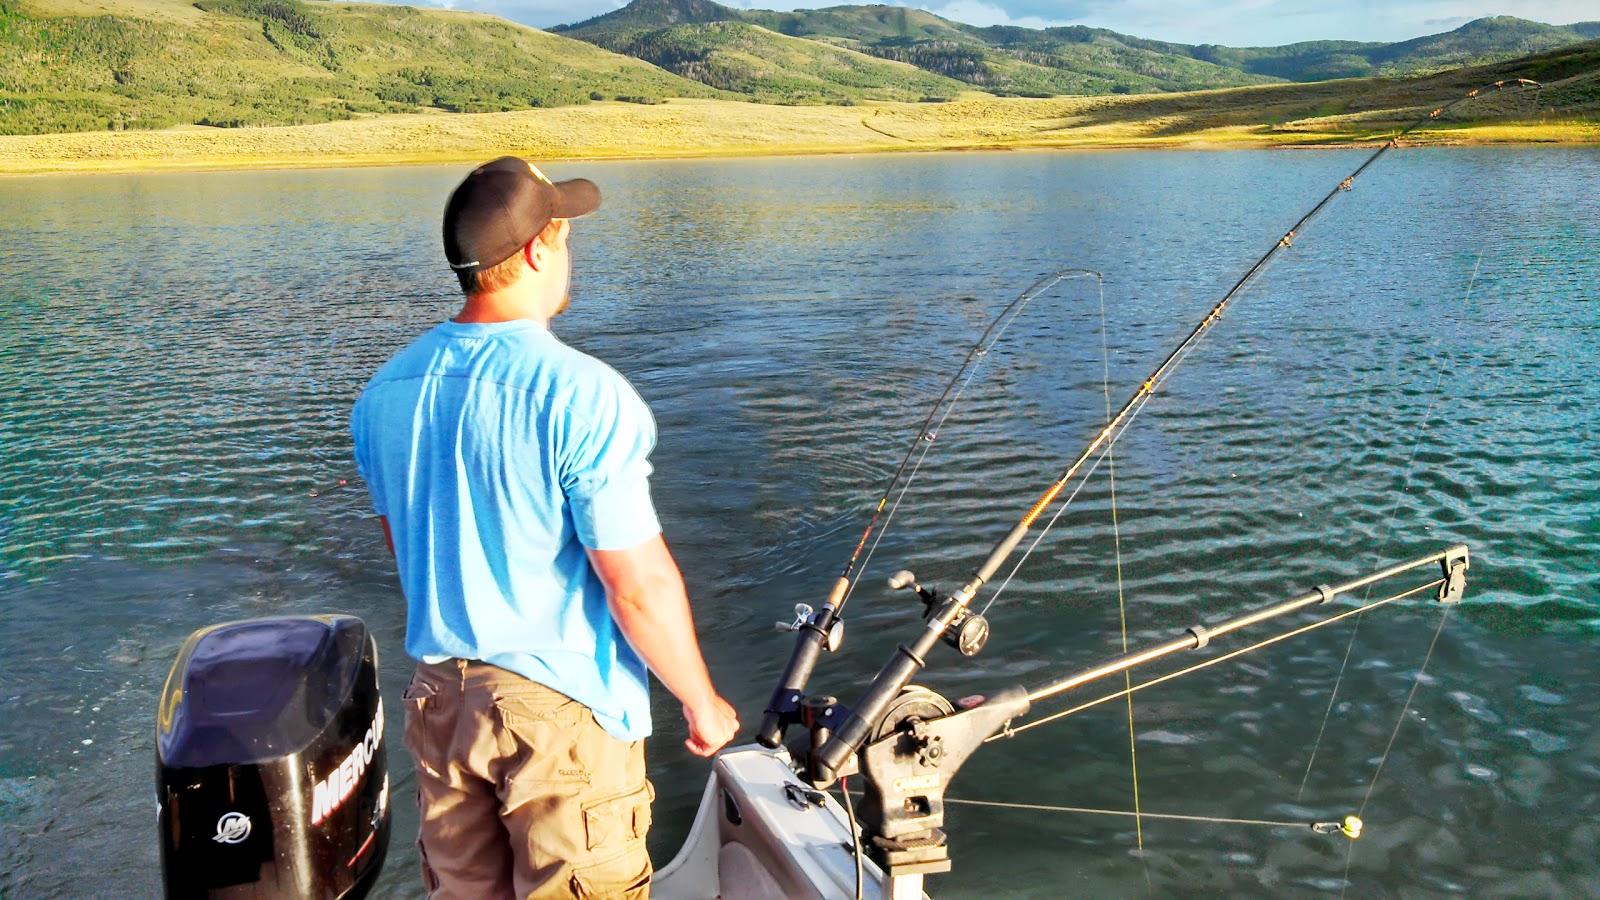 Fishing with ben kokanee strawberry reservoir 08 05 13 for Strawberry reservoir fishing